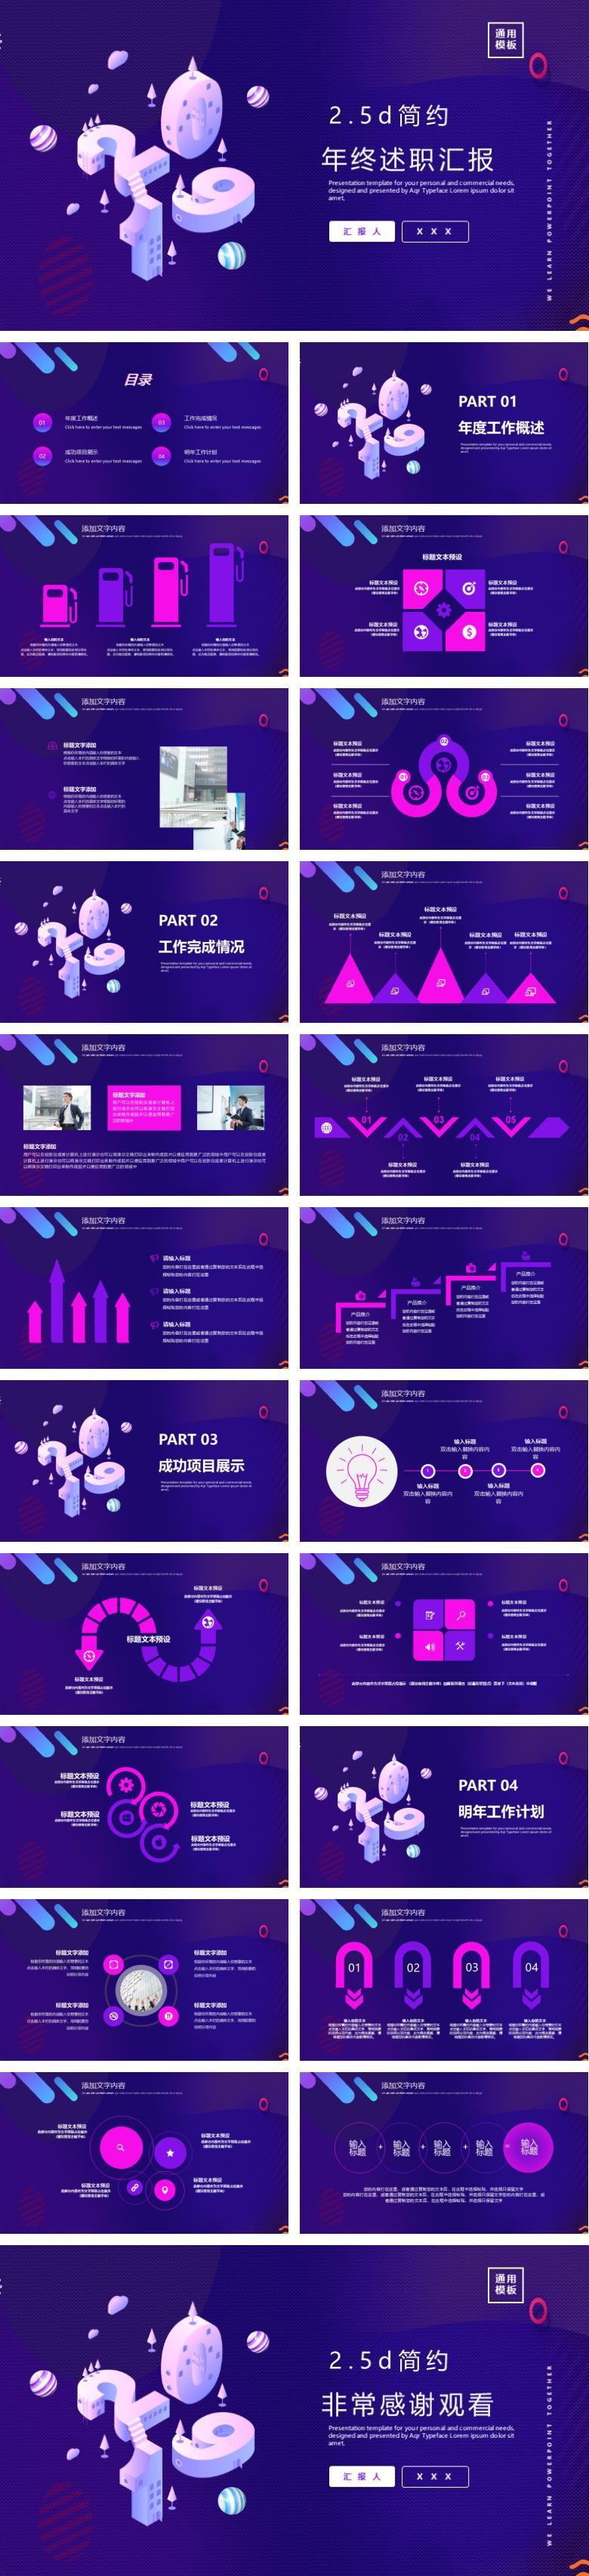 紫色立体2019新年计划年终总结PPT模板_1.jpg